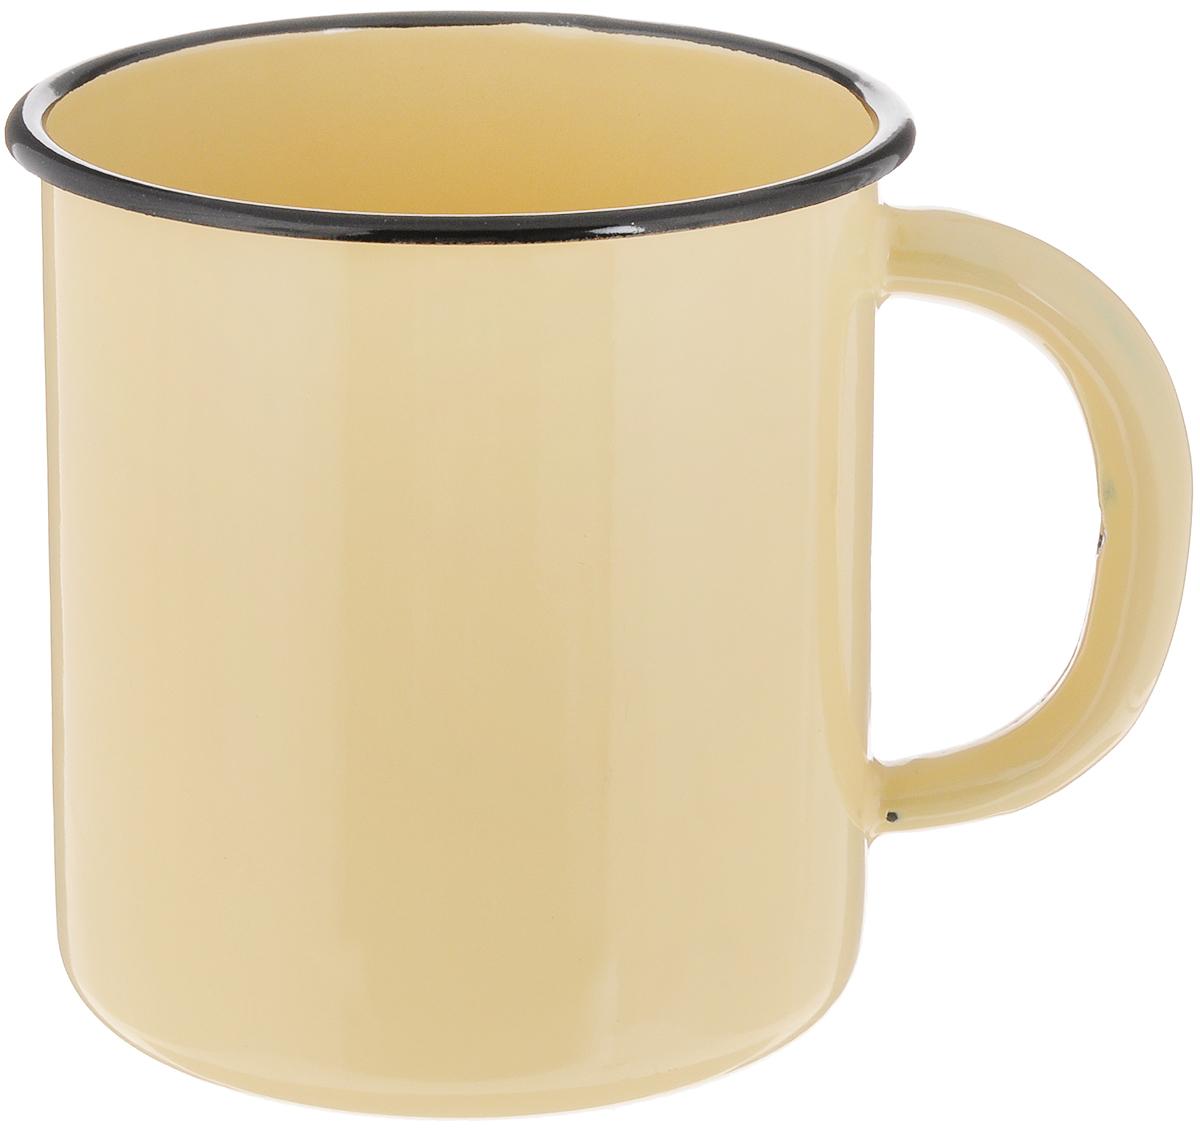 """Кружка """"СтальЭмаль"""" изготовлена из  высококачественной стали с эмалированным  покрытием. Такая кружка не  требует особого ухода, и ее легко мыть.   Изделие прекрасно подходит для подогрева  молока и многого другого.  Диаметр кружки (по верхнему краю): 11,5 см. Высота кружки: 12 см."""